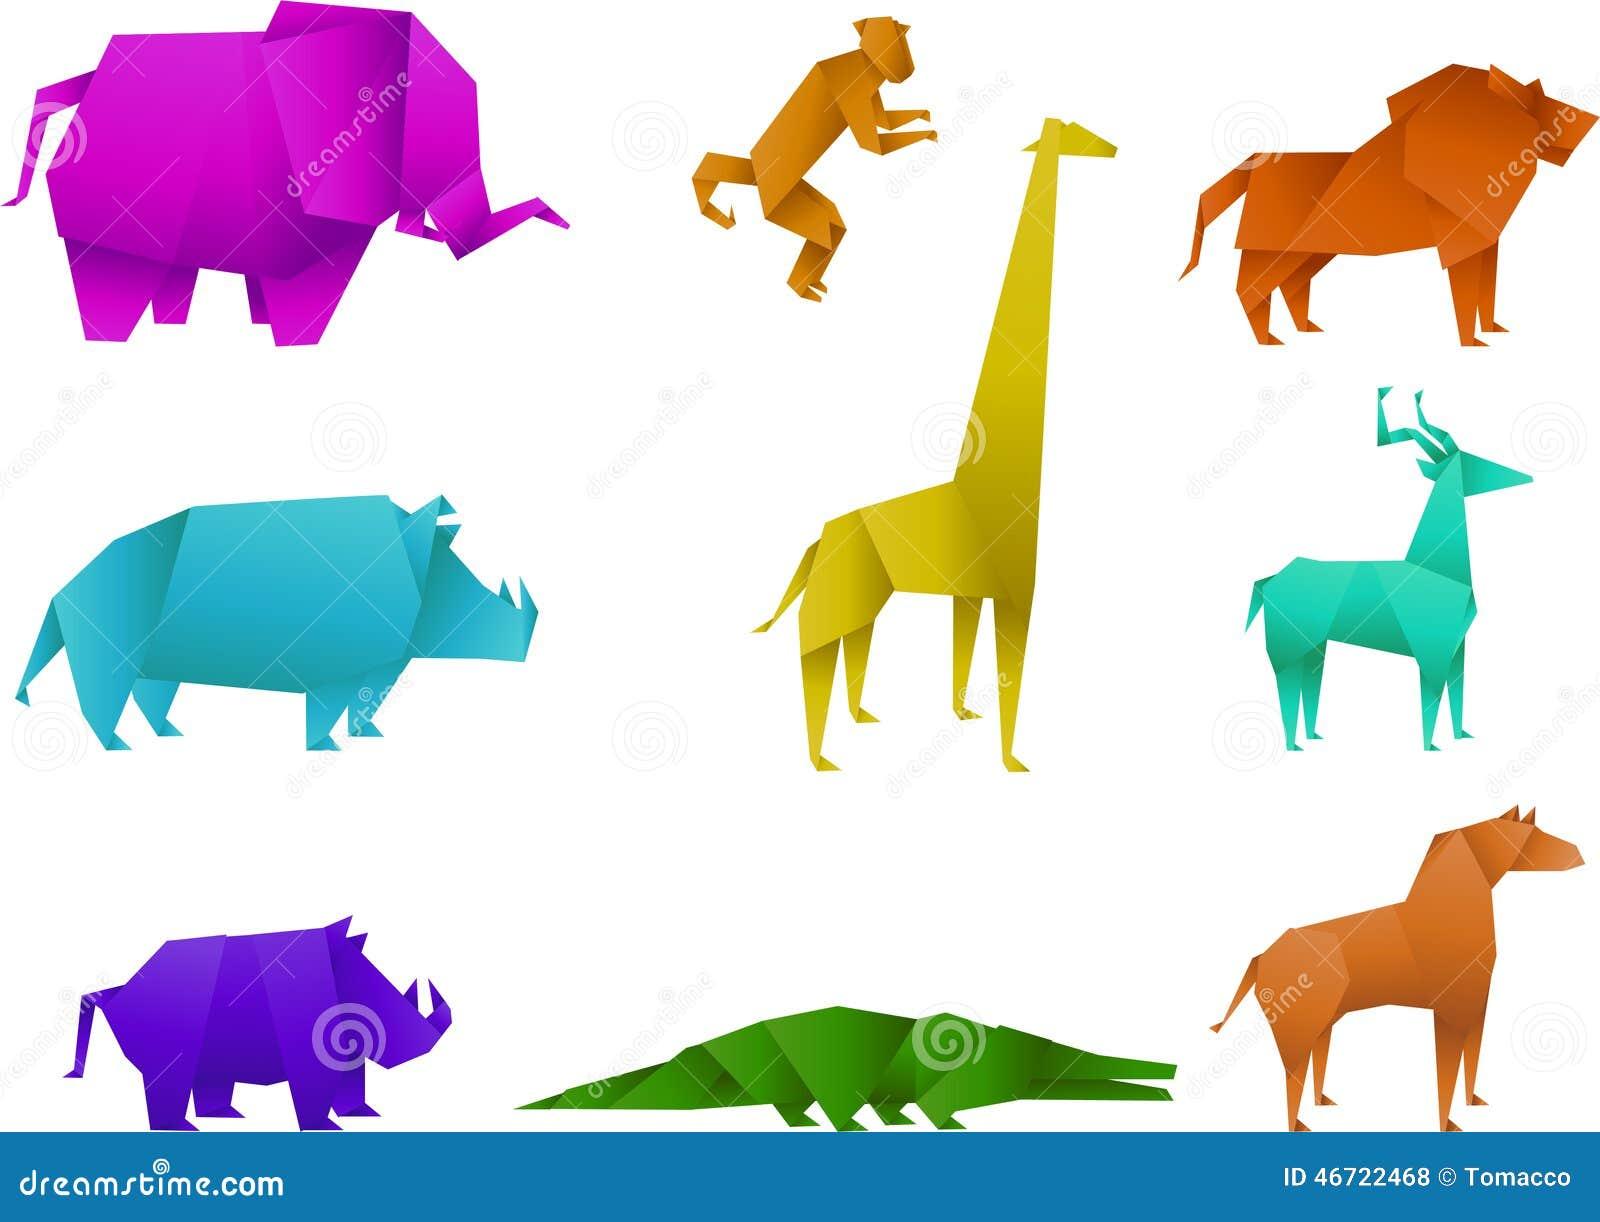 Origami Animals Stock Illustration Of Rhino